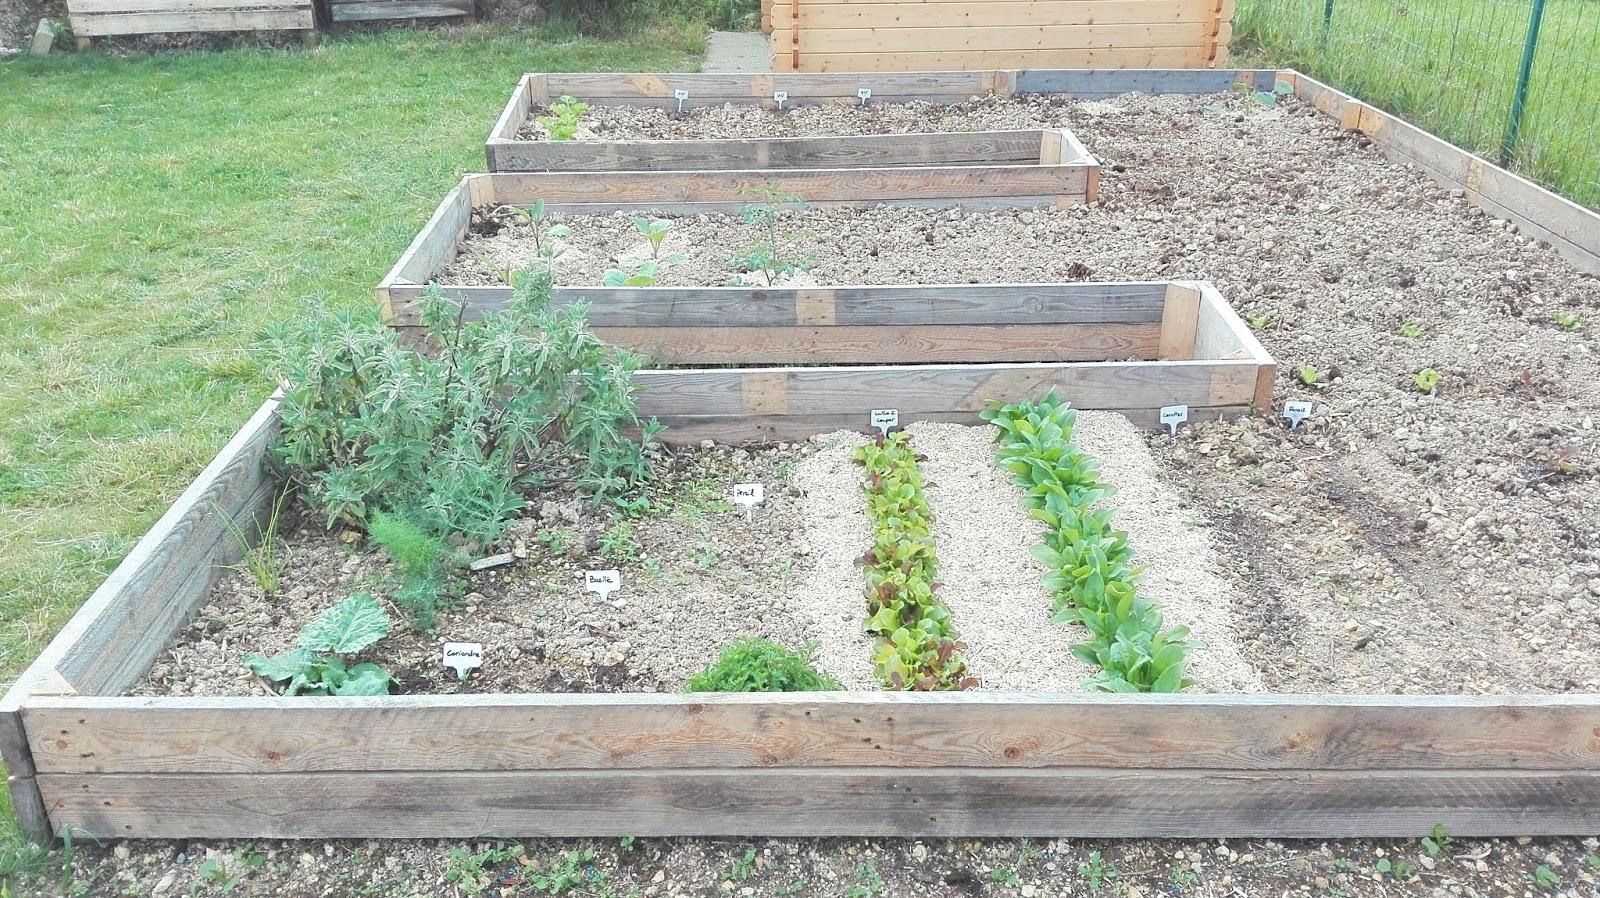 Aménager son jardin potager avec des palettes - Truc & Tricks